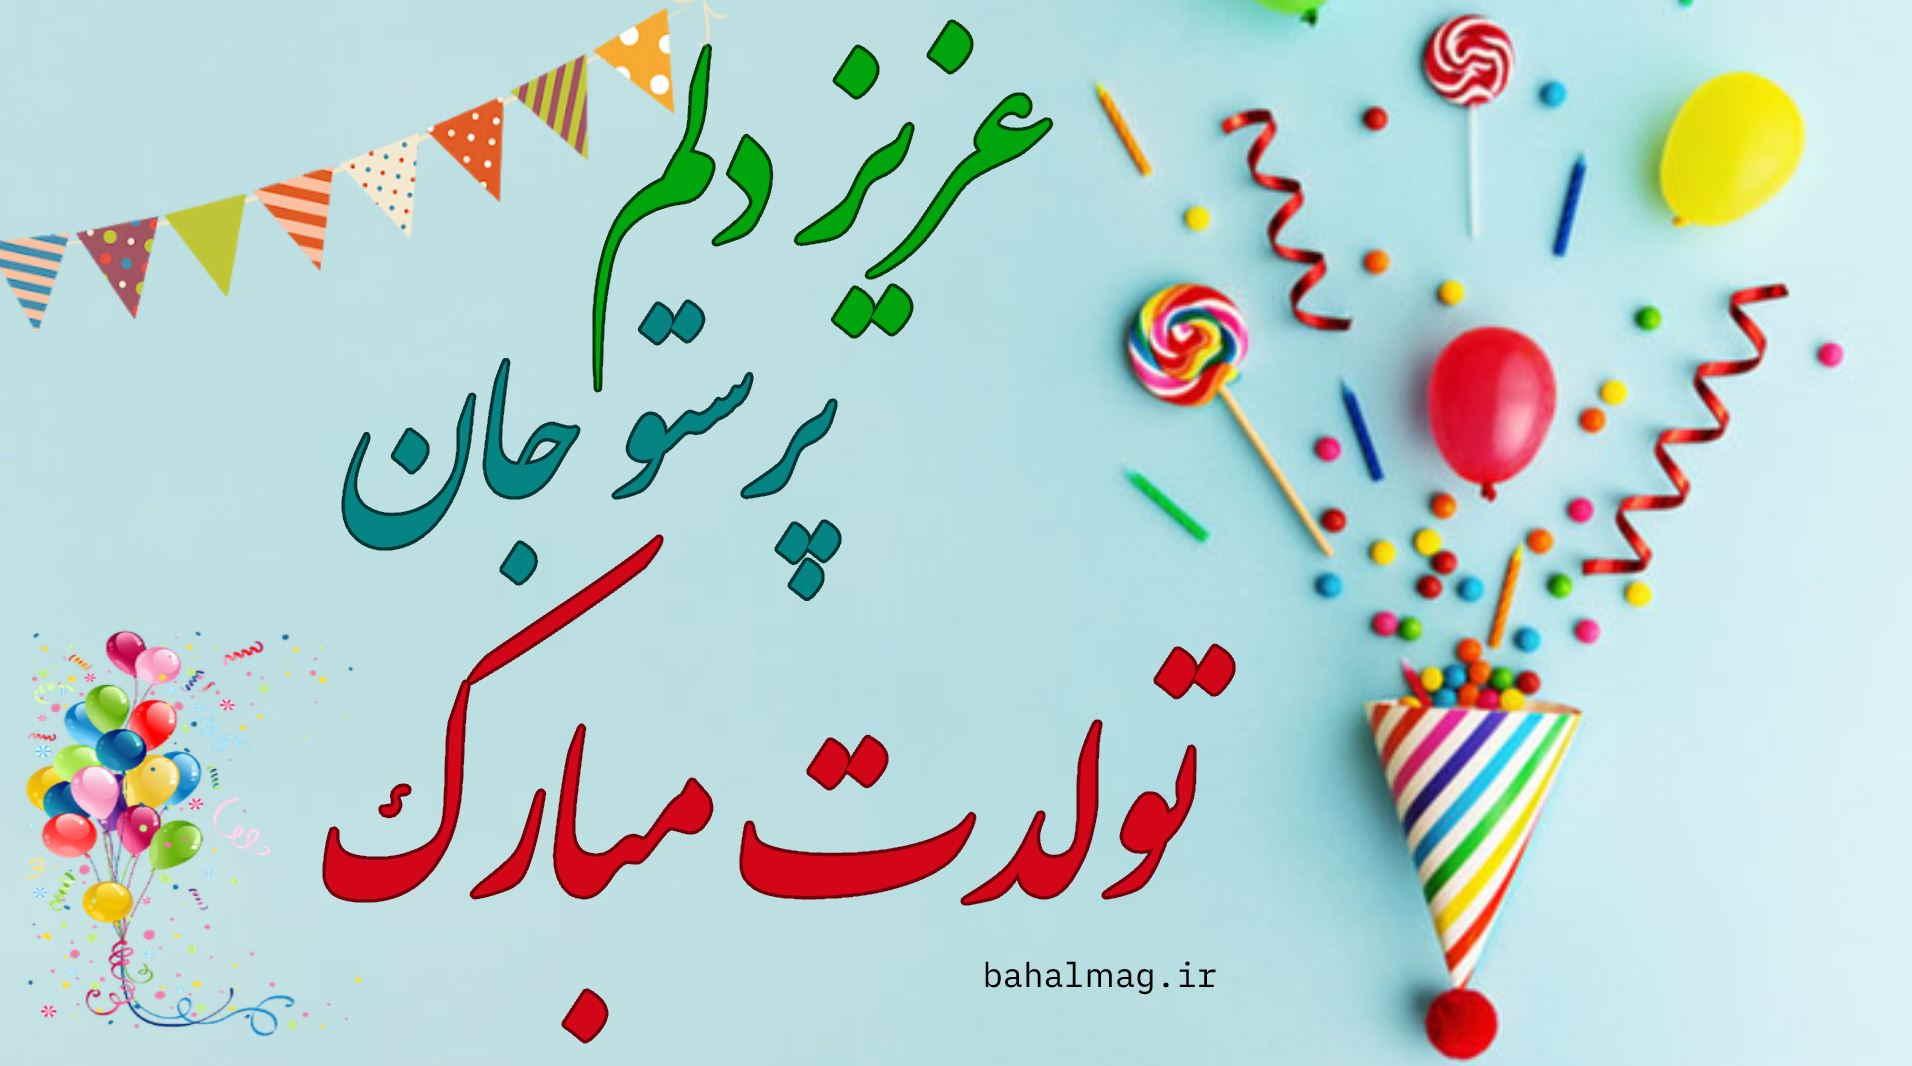 عزیز دلم پرستو جان تولدت مبارک